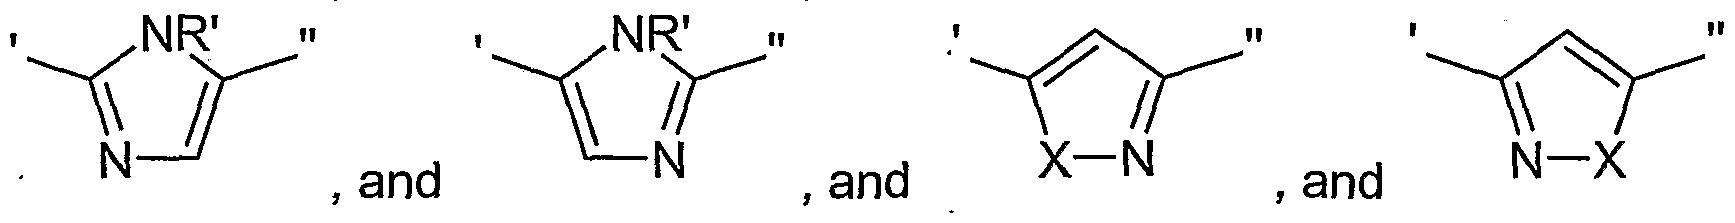 Figure imgf000003_0005